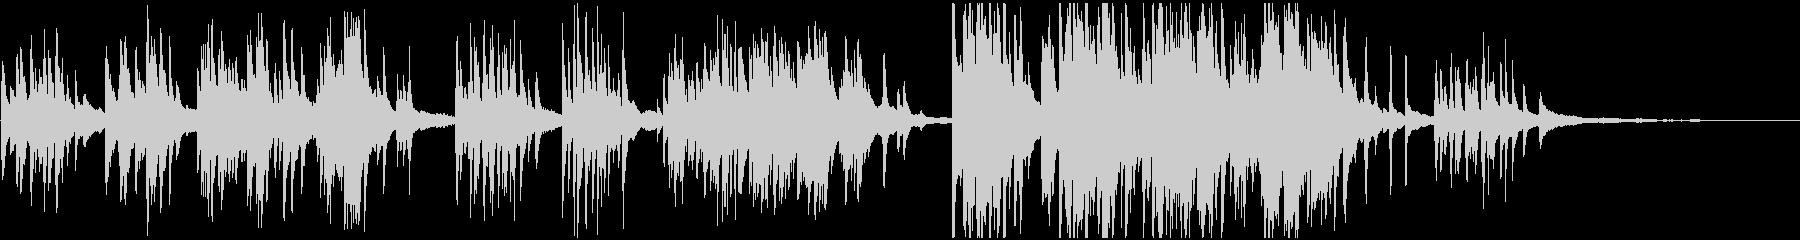 室内楽 感情的 バラード ピアノの未再生の波形